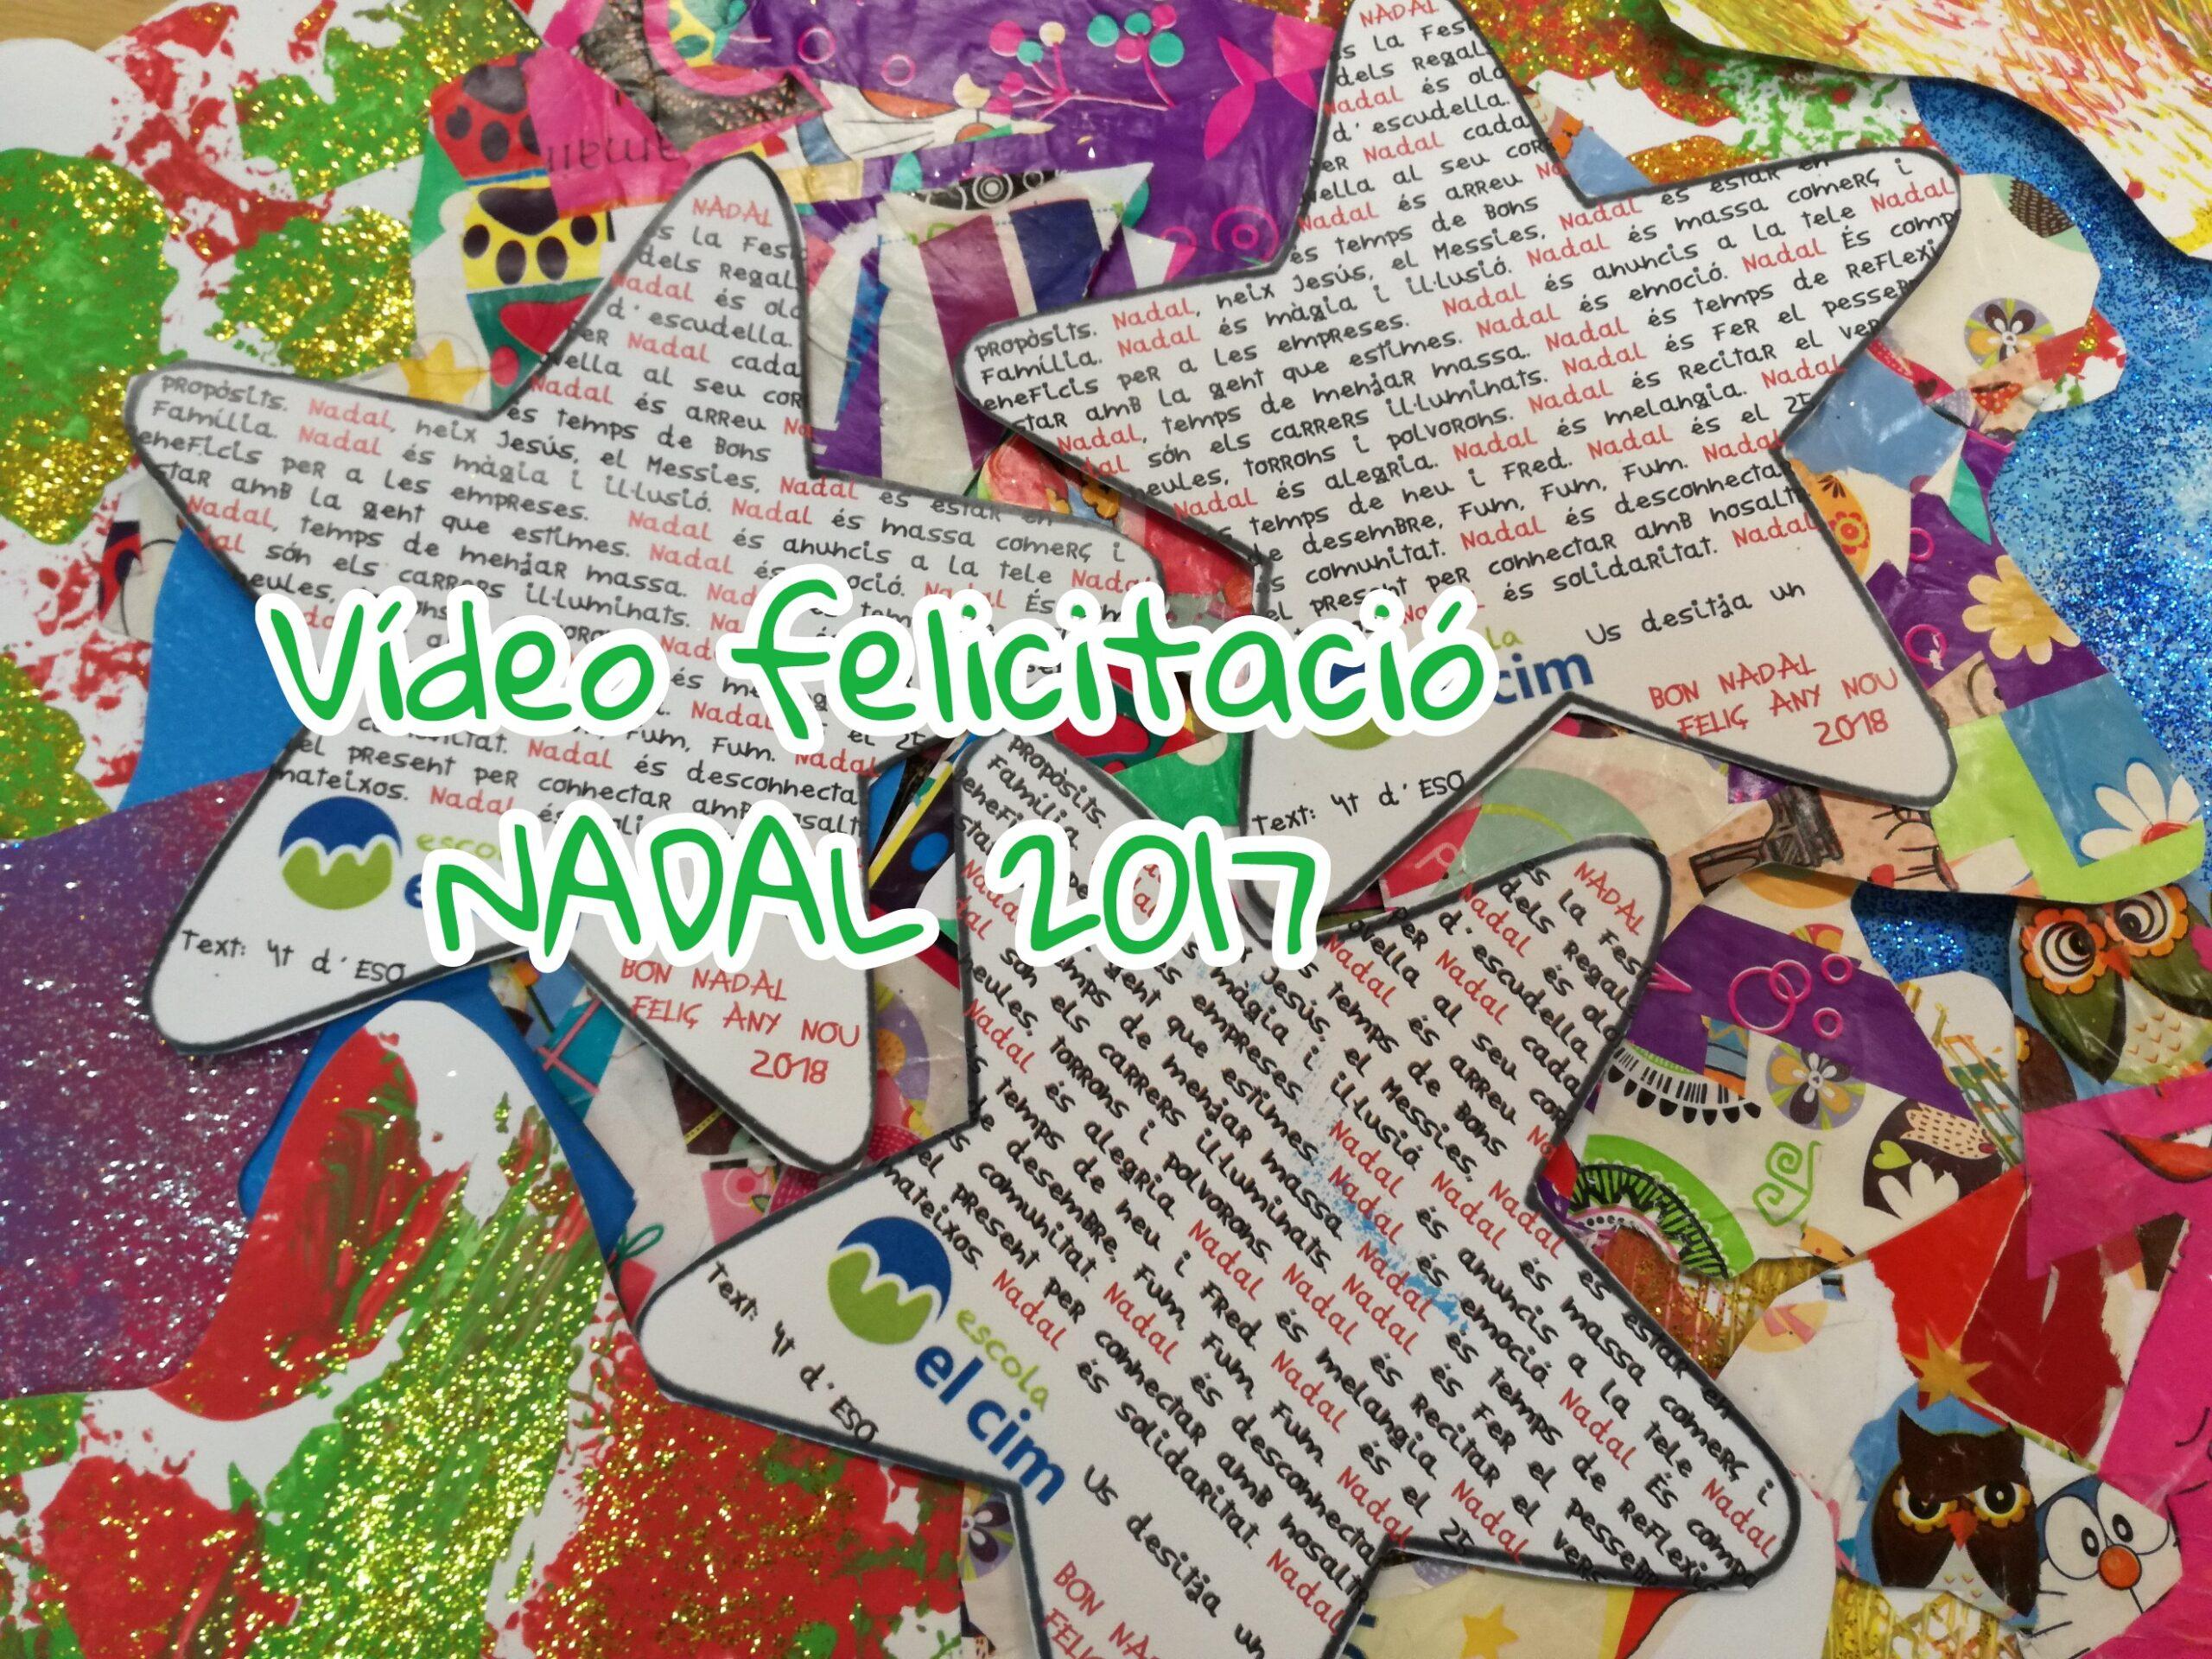 Vídeo felicitació de Nadal dels alumnes de l'escola